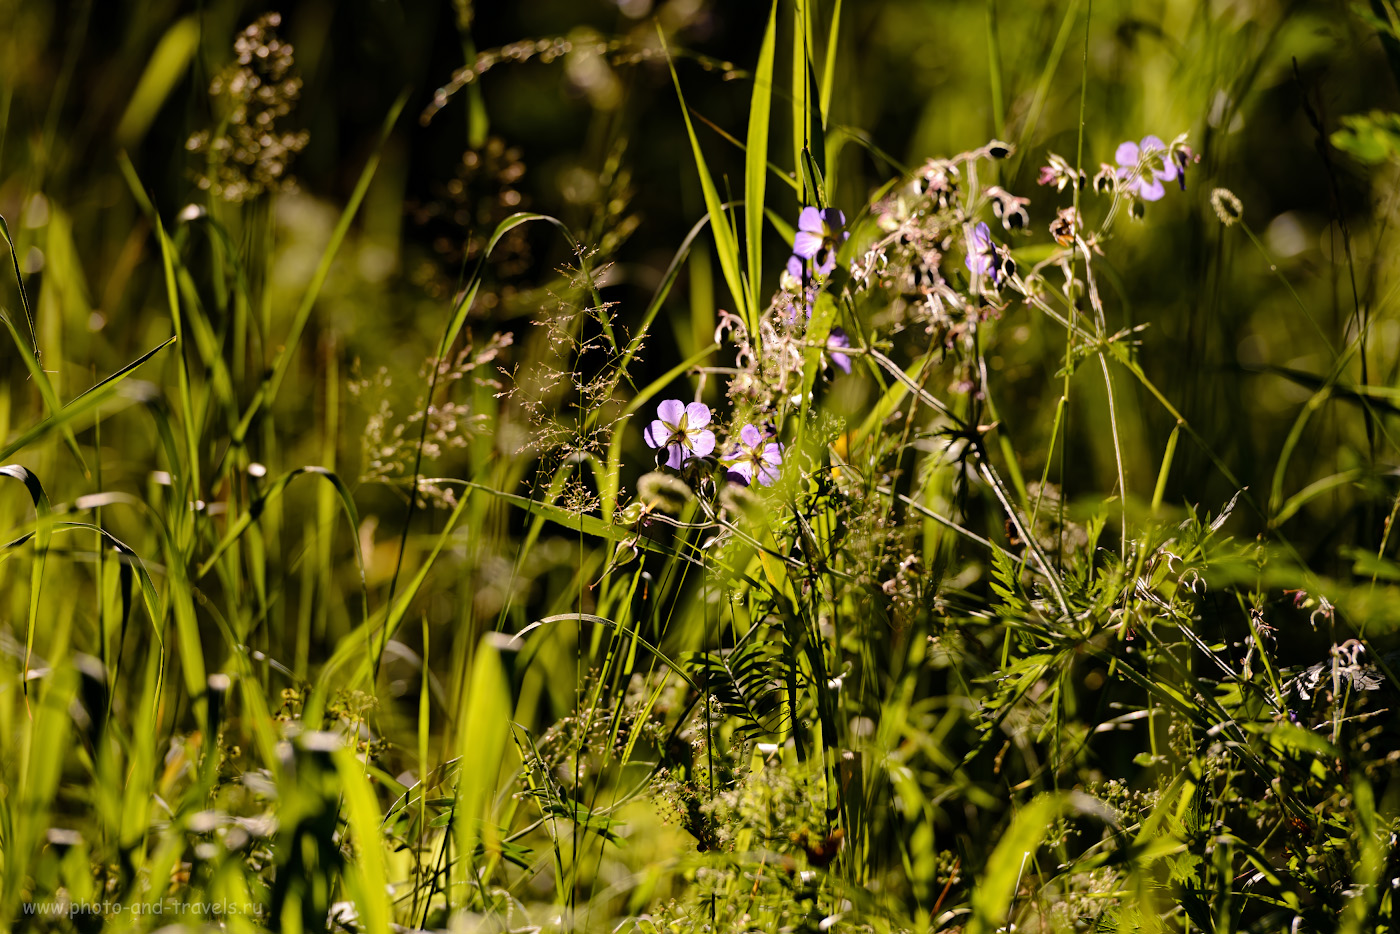 """10. Герань луговая в парке """"Оленьи ручьи"""". Как я прогуливался вокруг Аракаево. 1/800, 4.5, 100, 200."""